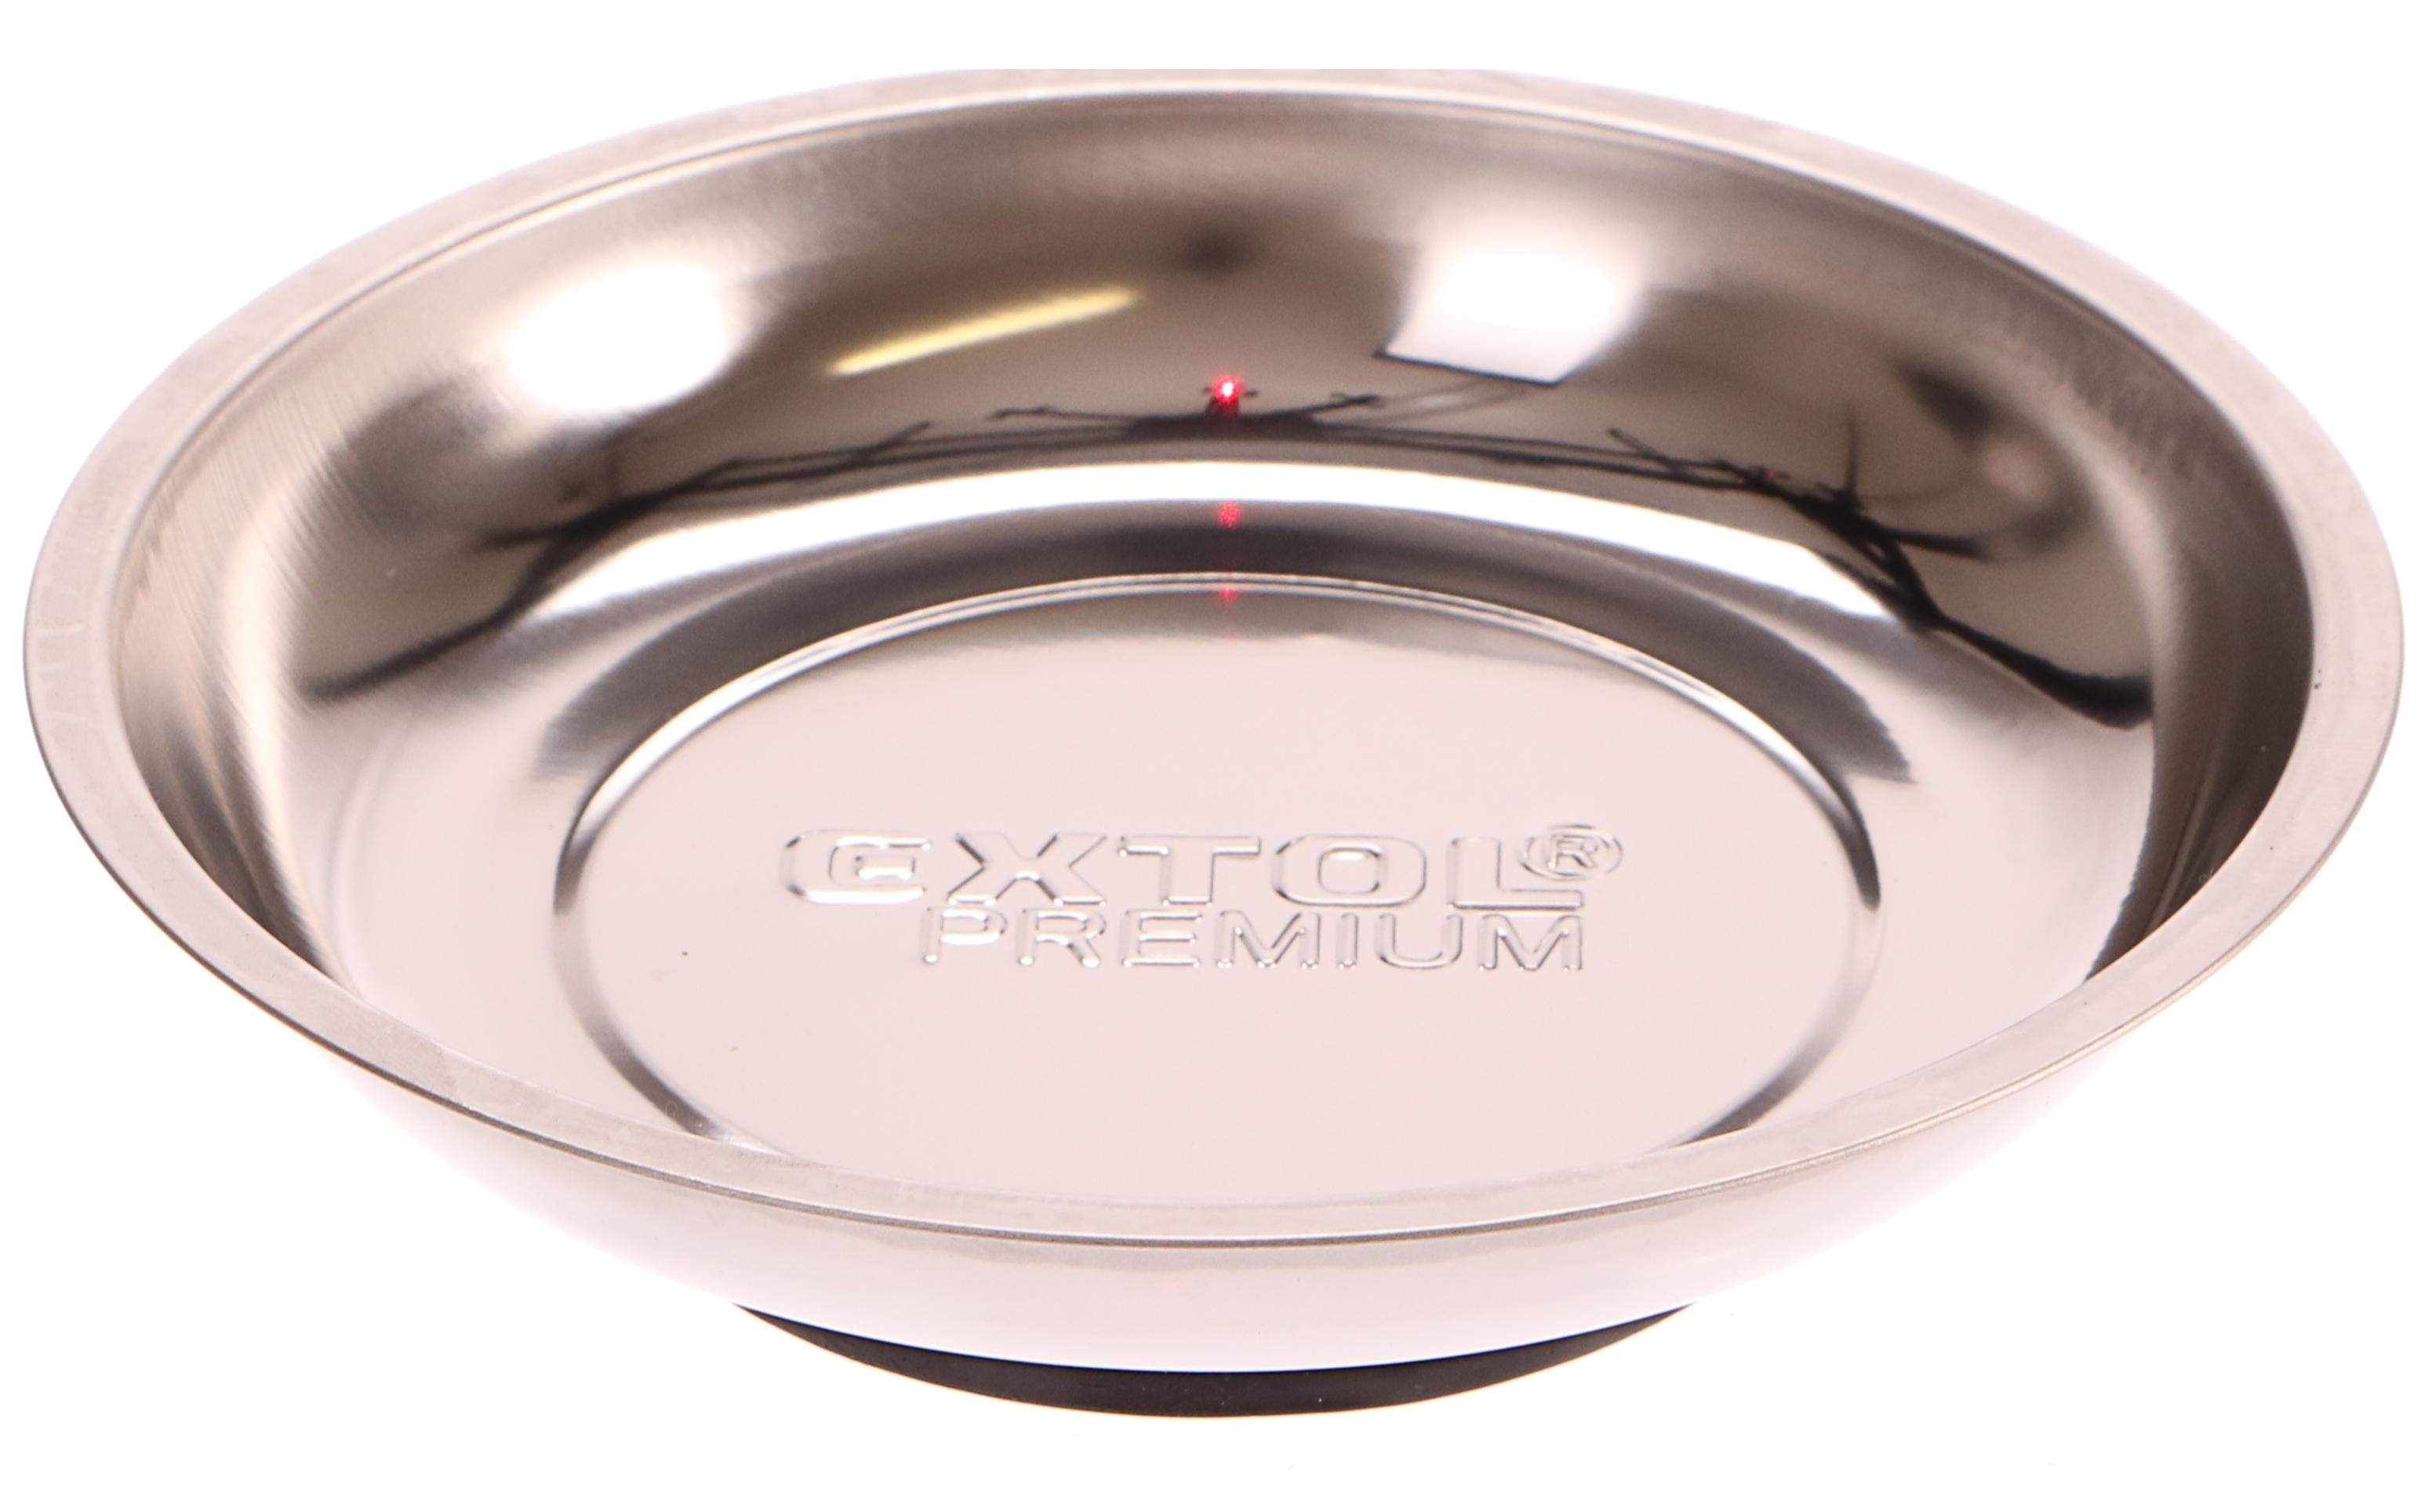 Miska magnetická nerez, 150mm, hloubka misky 25mm, magnet o pr. 80mm, EXTOL PREMIUM